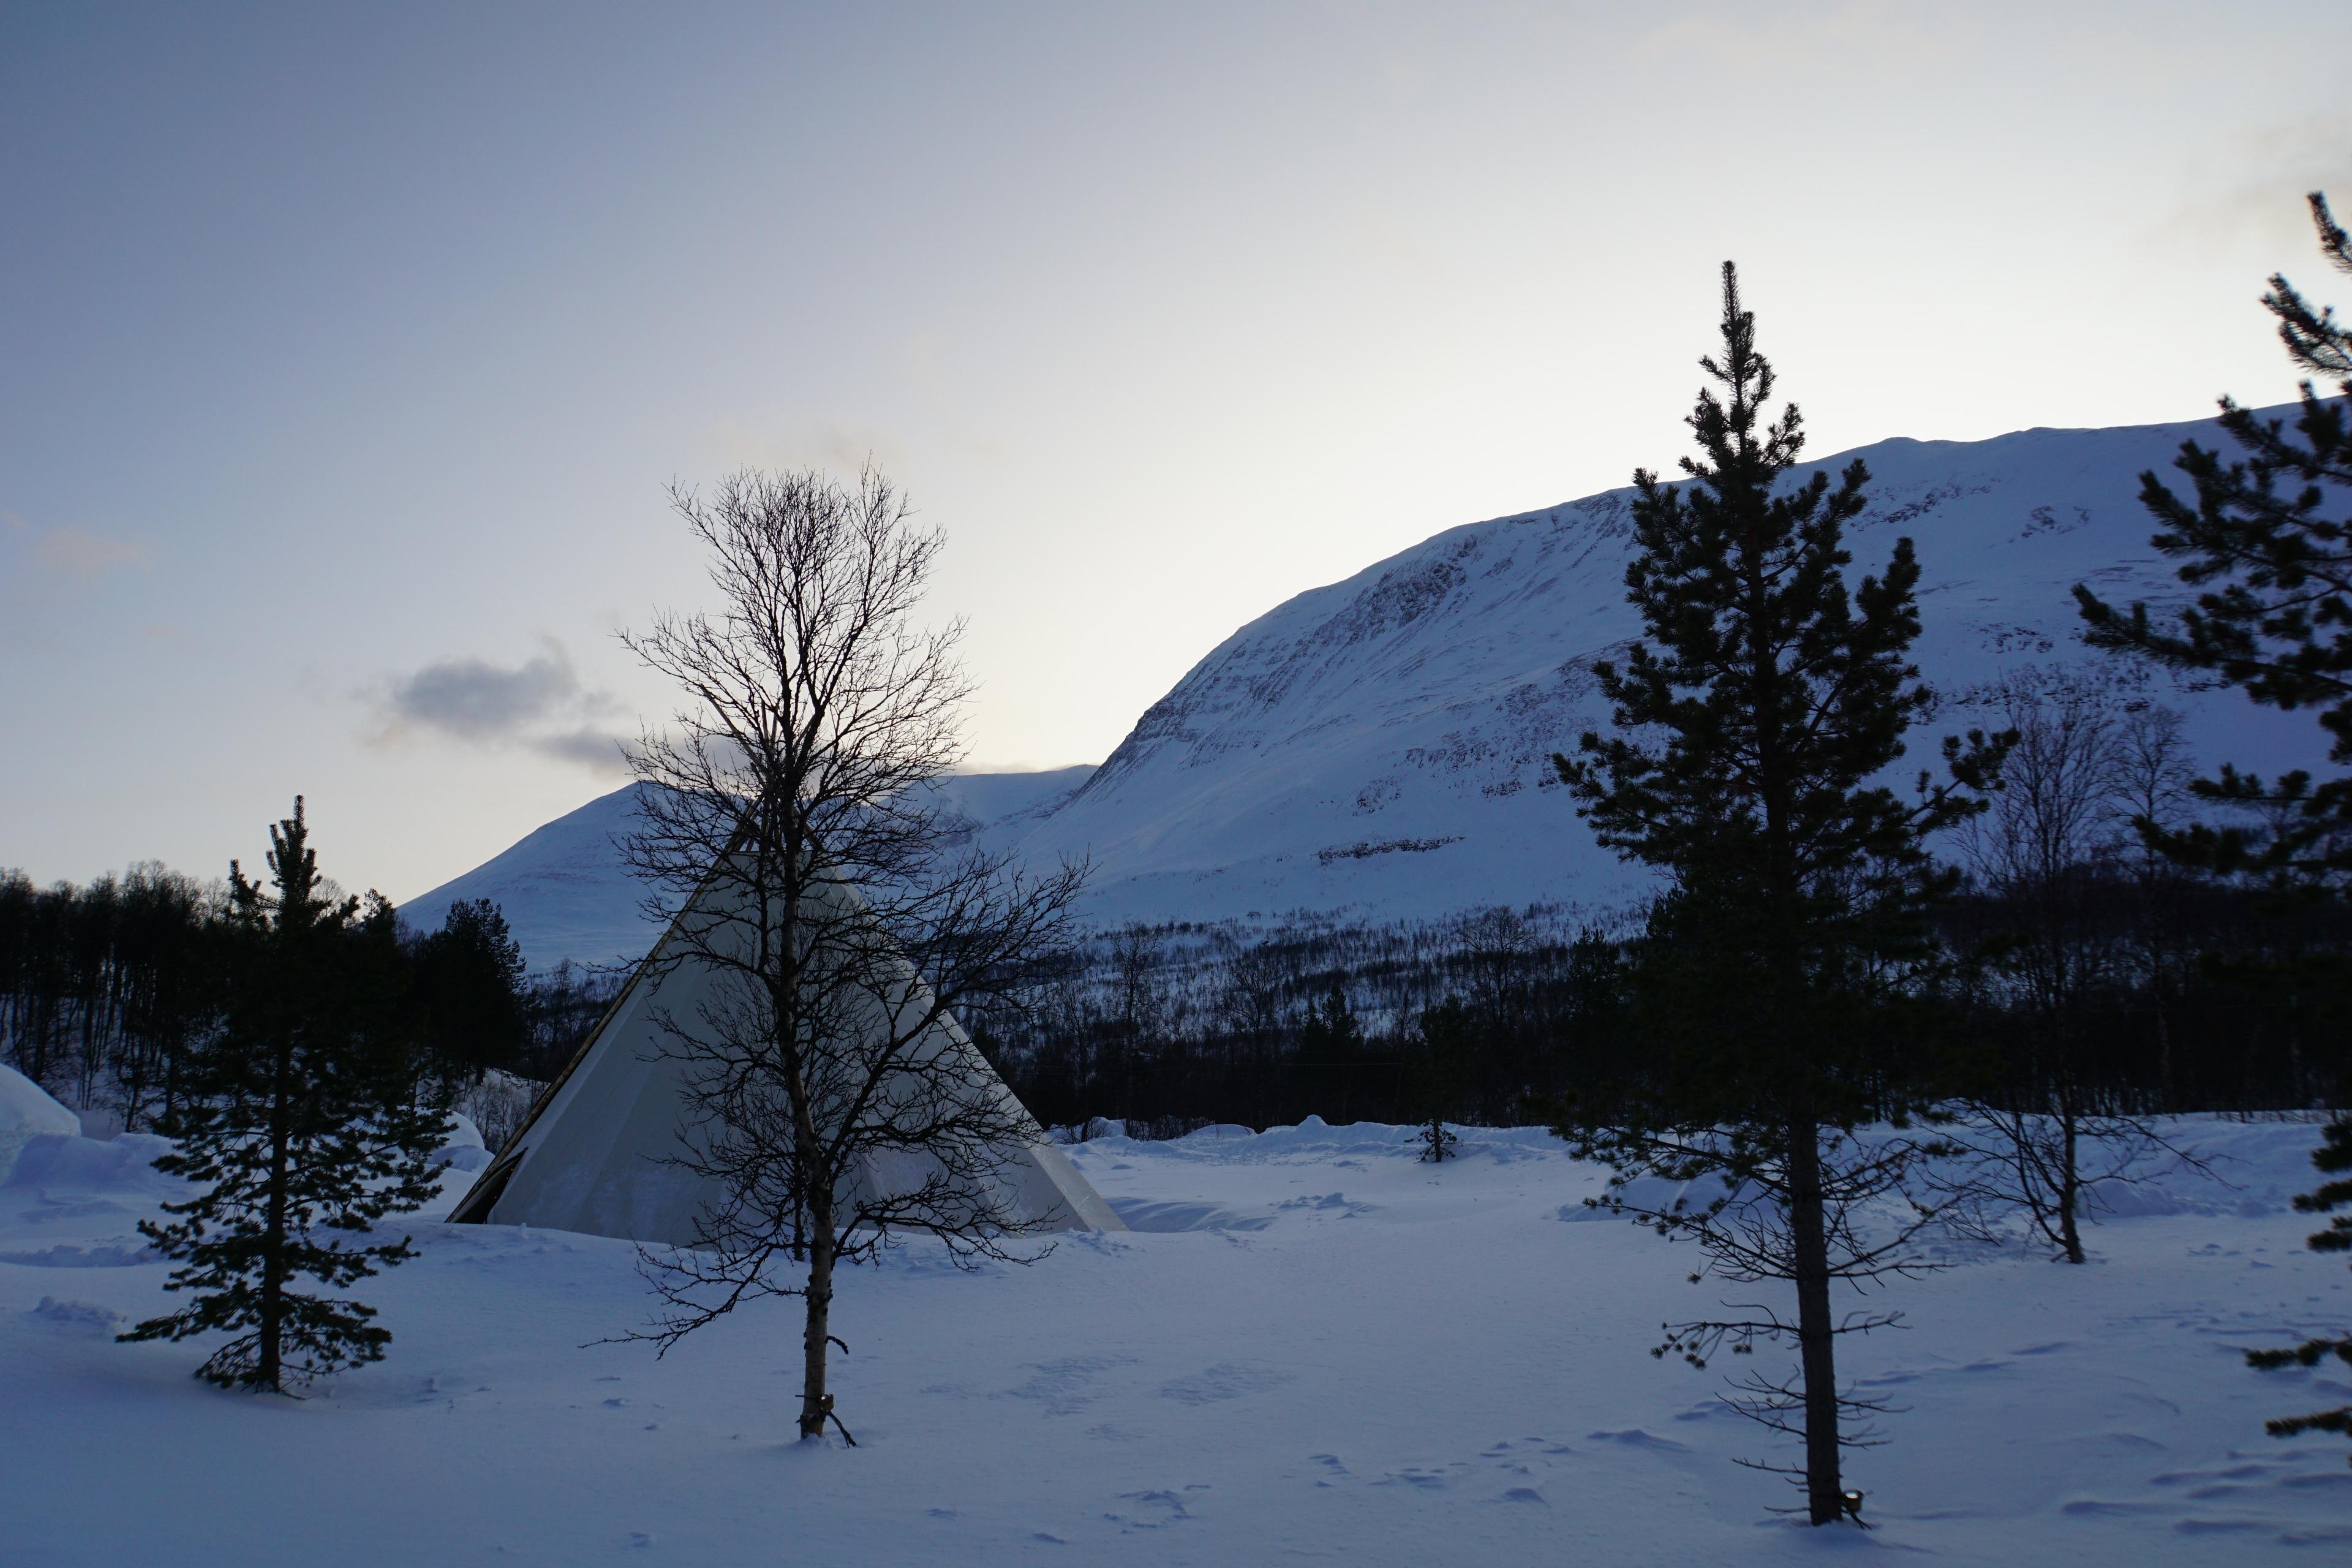 Balsfjord, Troms og Finnmark, Norway